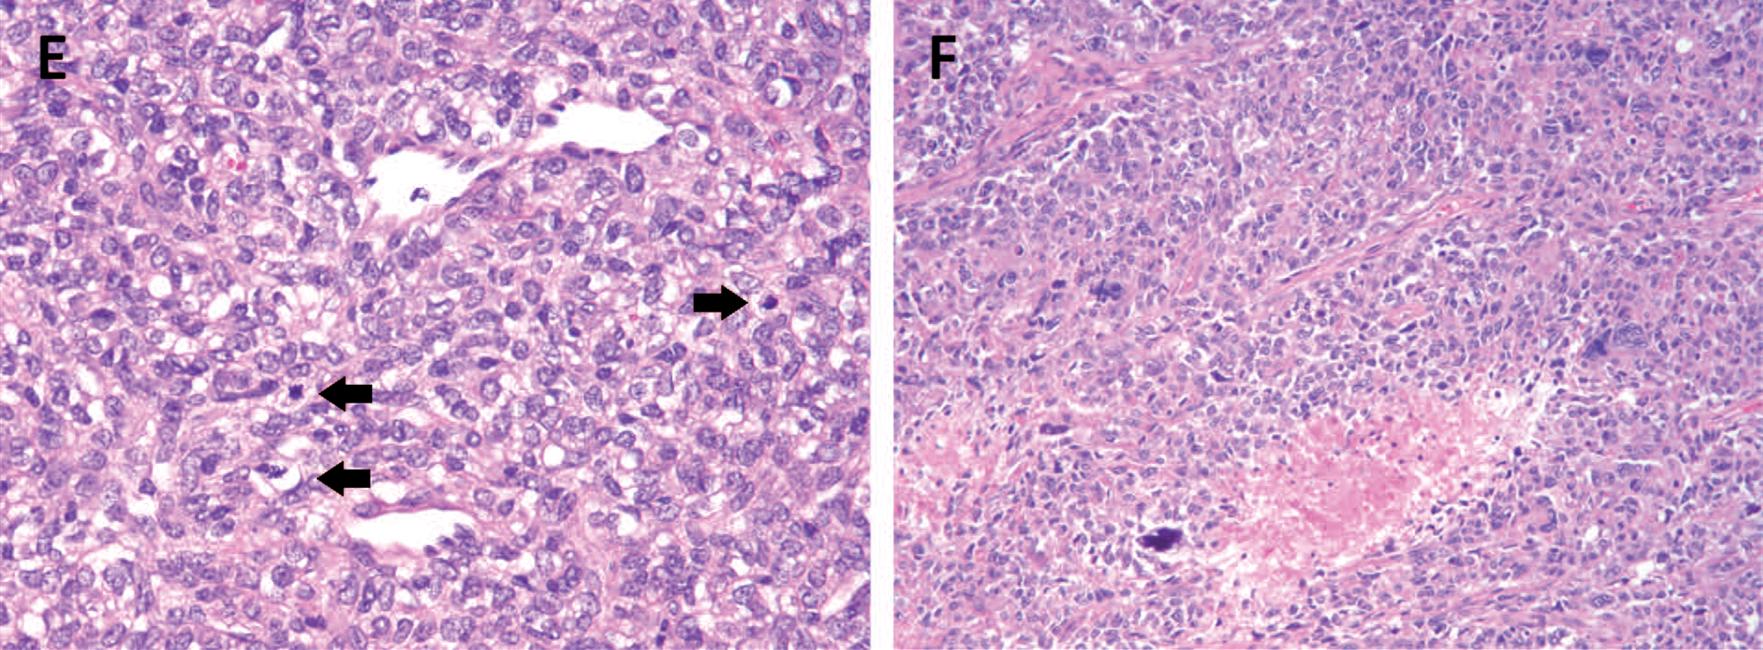 孤立性纤维性肿瘤-看这篇就够了(四)